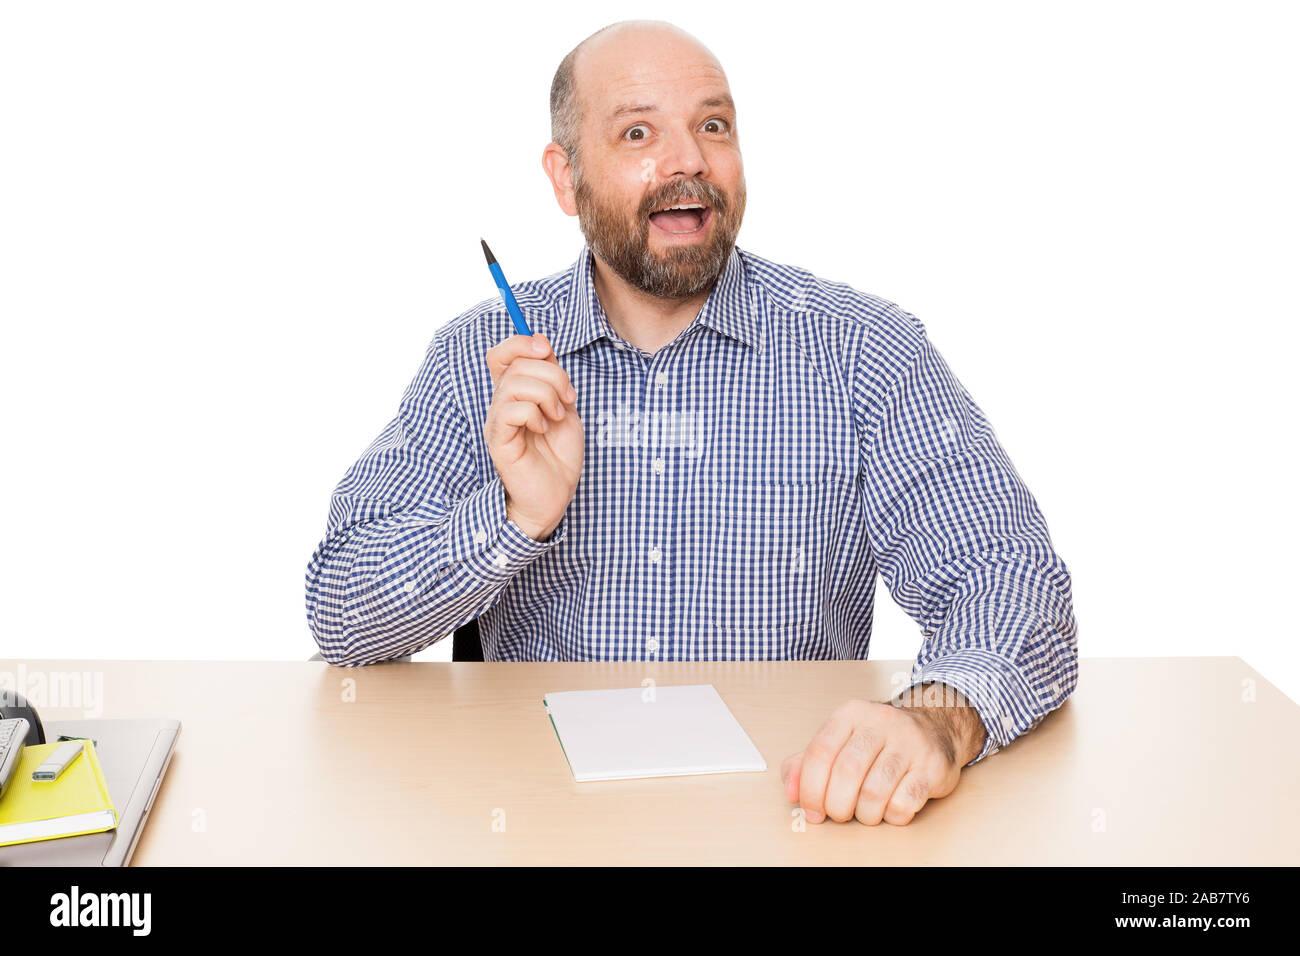 Ein Mann mit Bart, der gerade eine Idee hat Stock Photo